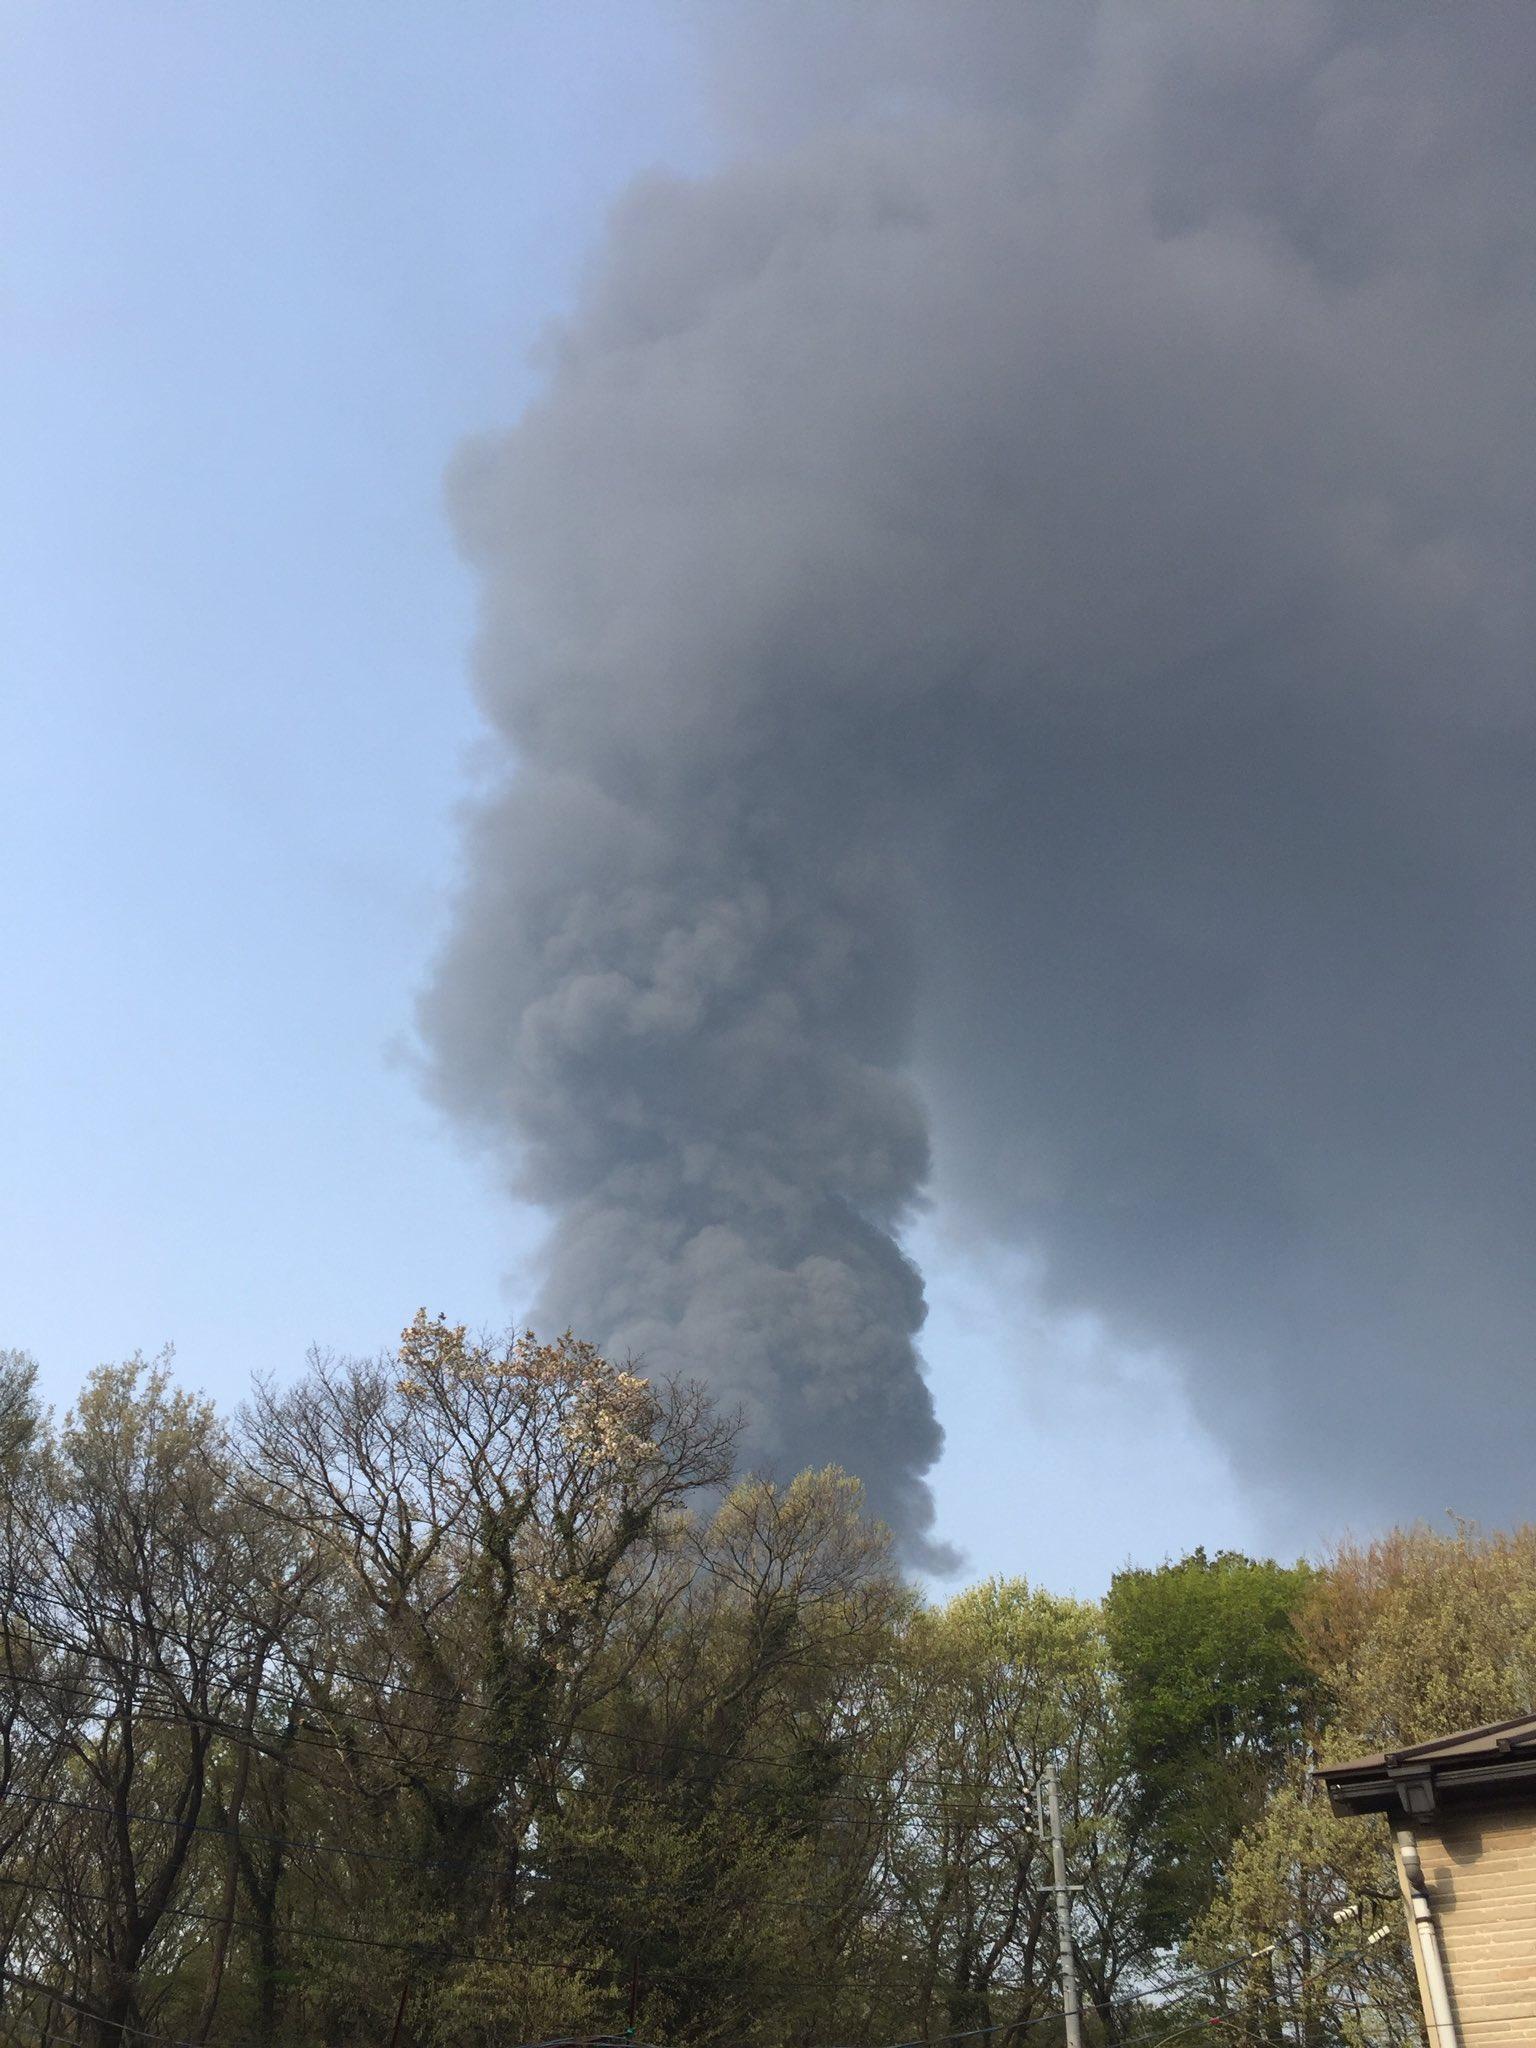 画像,茨城県坂東市小山付近で火事! #坂東市 https://t.co/ImLJW1g7lP。